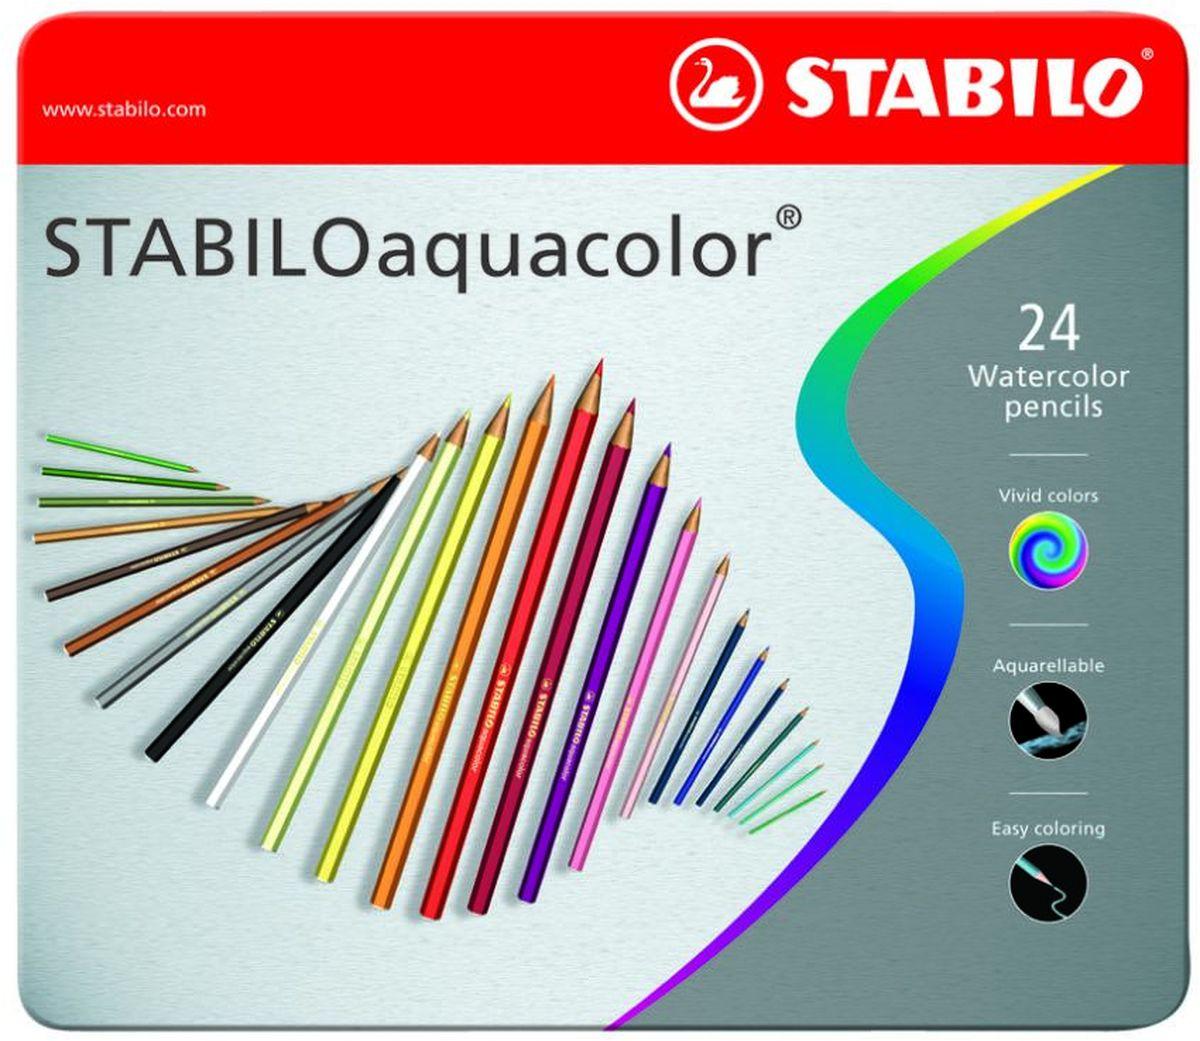 STABILO Набор акварельных карандашей Aquacolor 24 цвета180298Для создания рисунков с эффектом акварельных красок, надо растушевать рисунок кистью с водой или увлажнить бумагу перед рисованием. Идеально подходит для рисования в качестве классического цветного карандаша благодаря насыщенным цветам и мягкому грифелю, обеспечивающему легкость нанесения и отличную смешиваемость цветов.